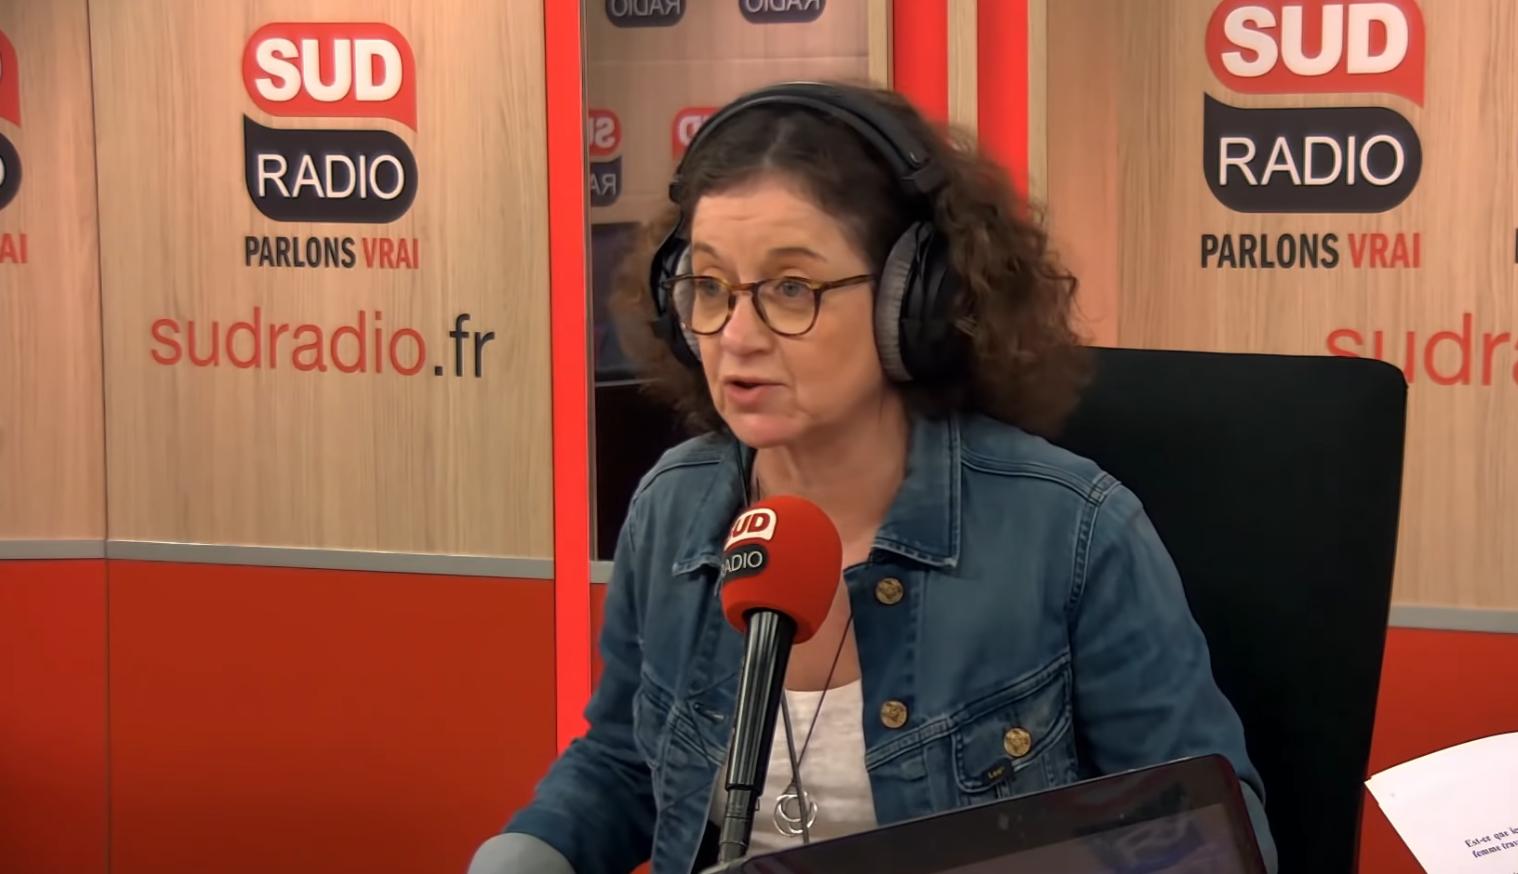 """Élisabeth Lévy : """"Il est normal que les religions minoritaires en France aient moins de visibilité"""" (VIDÉO)"""